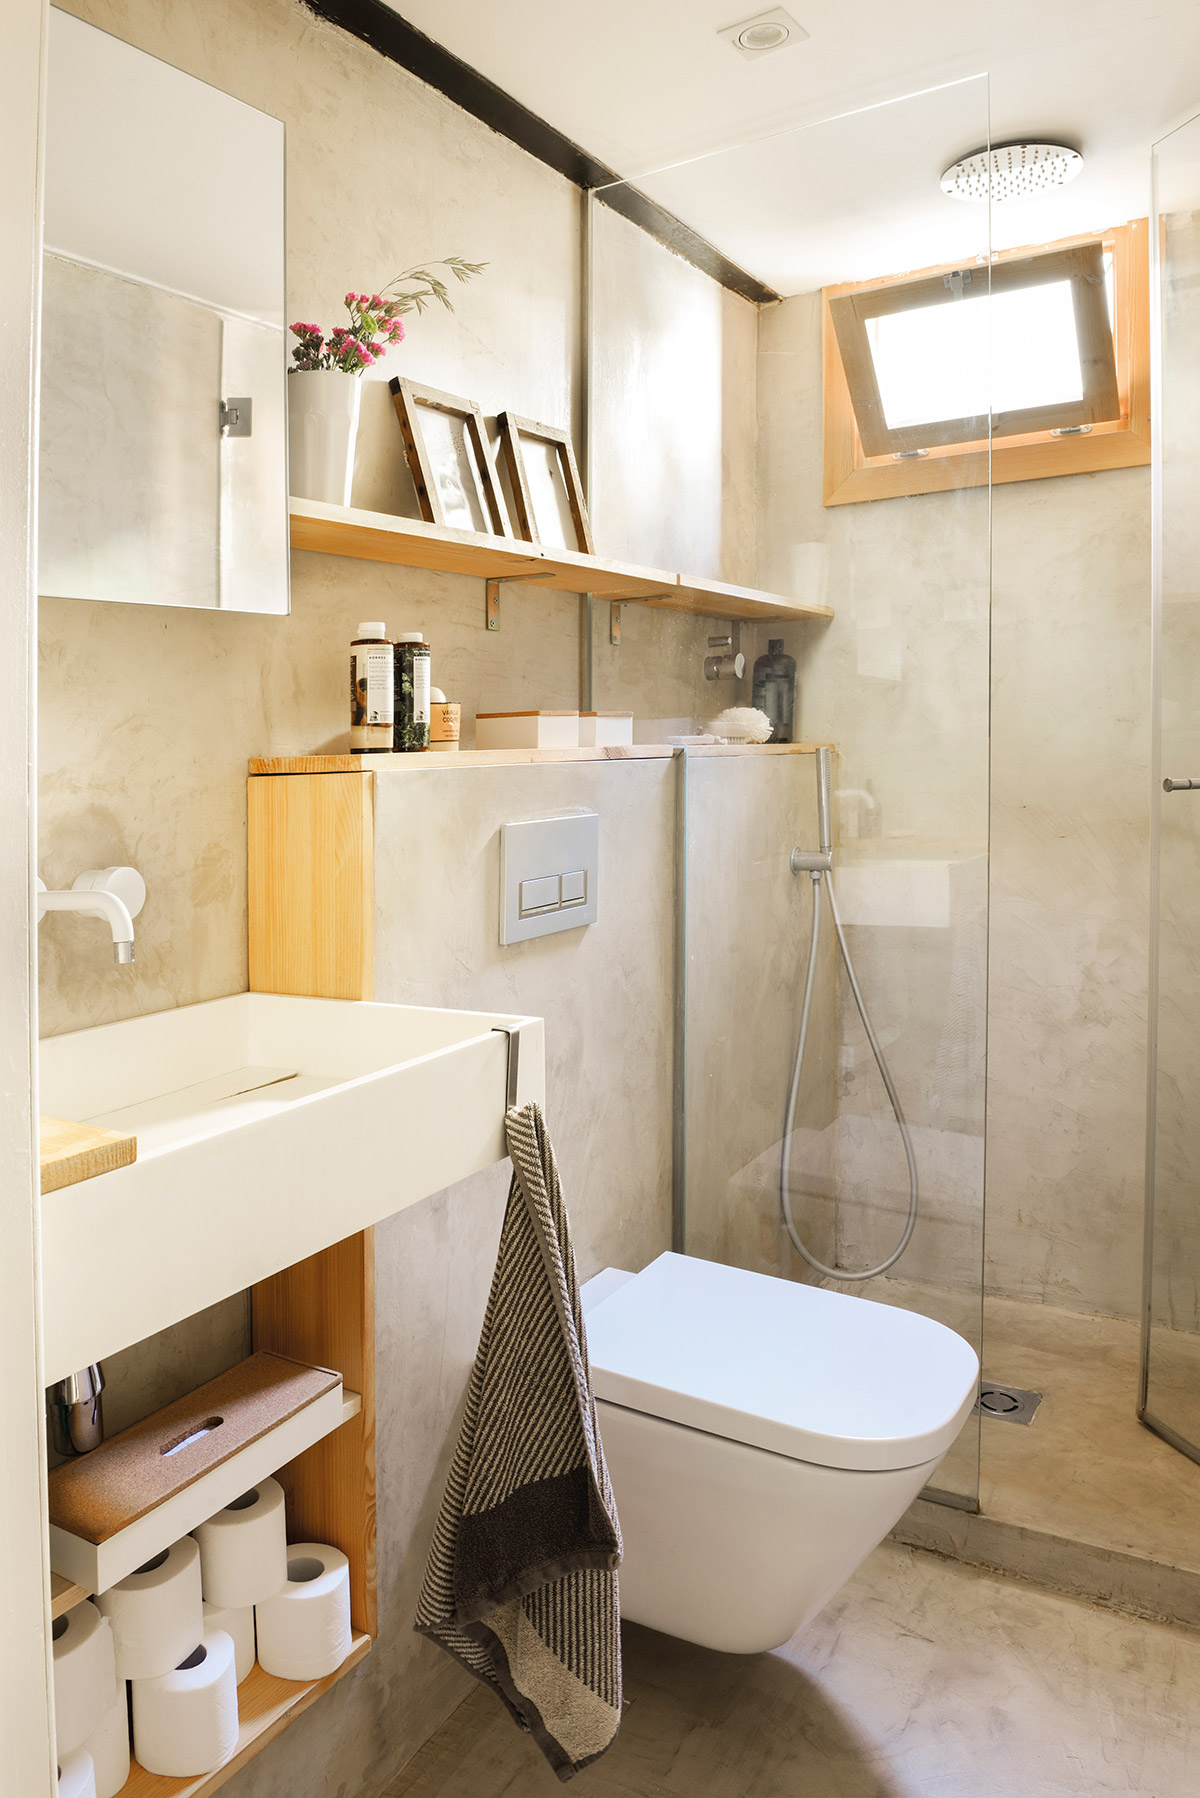 Ideas para aprovechar al m ximo el espacio de un piso peque o for Mueble para ducha